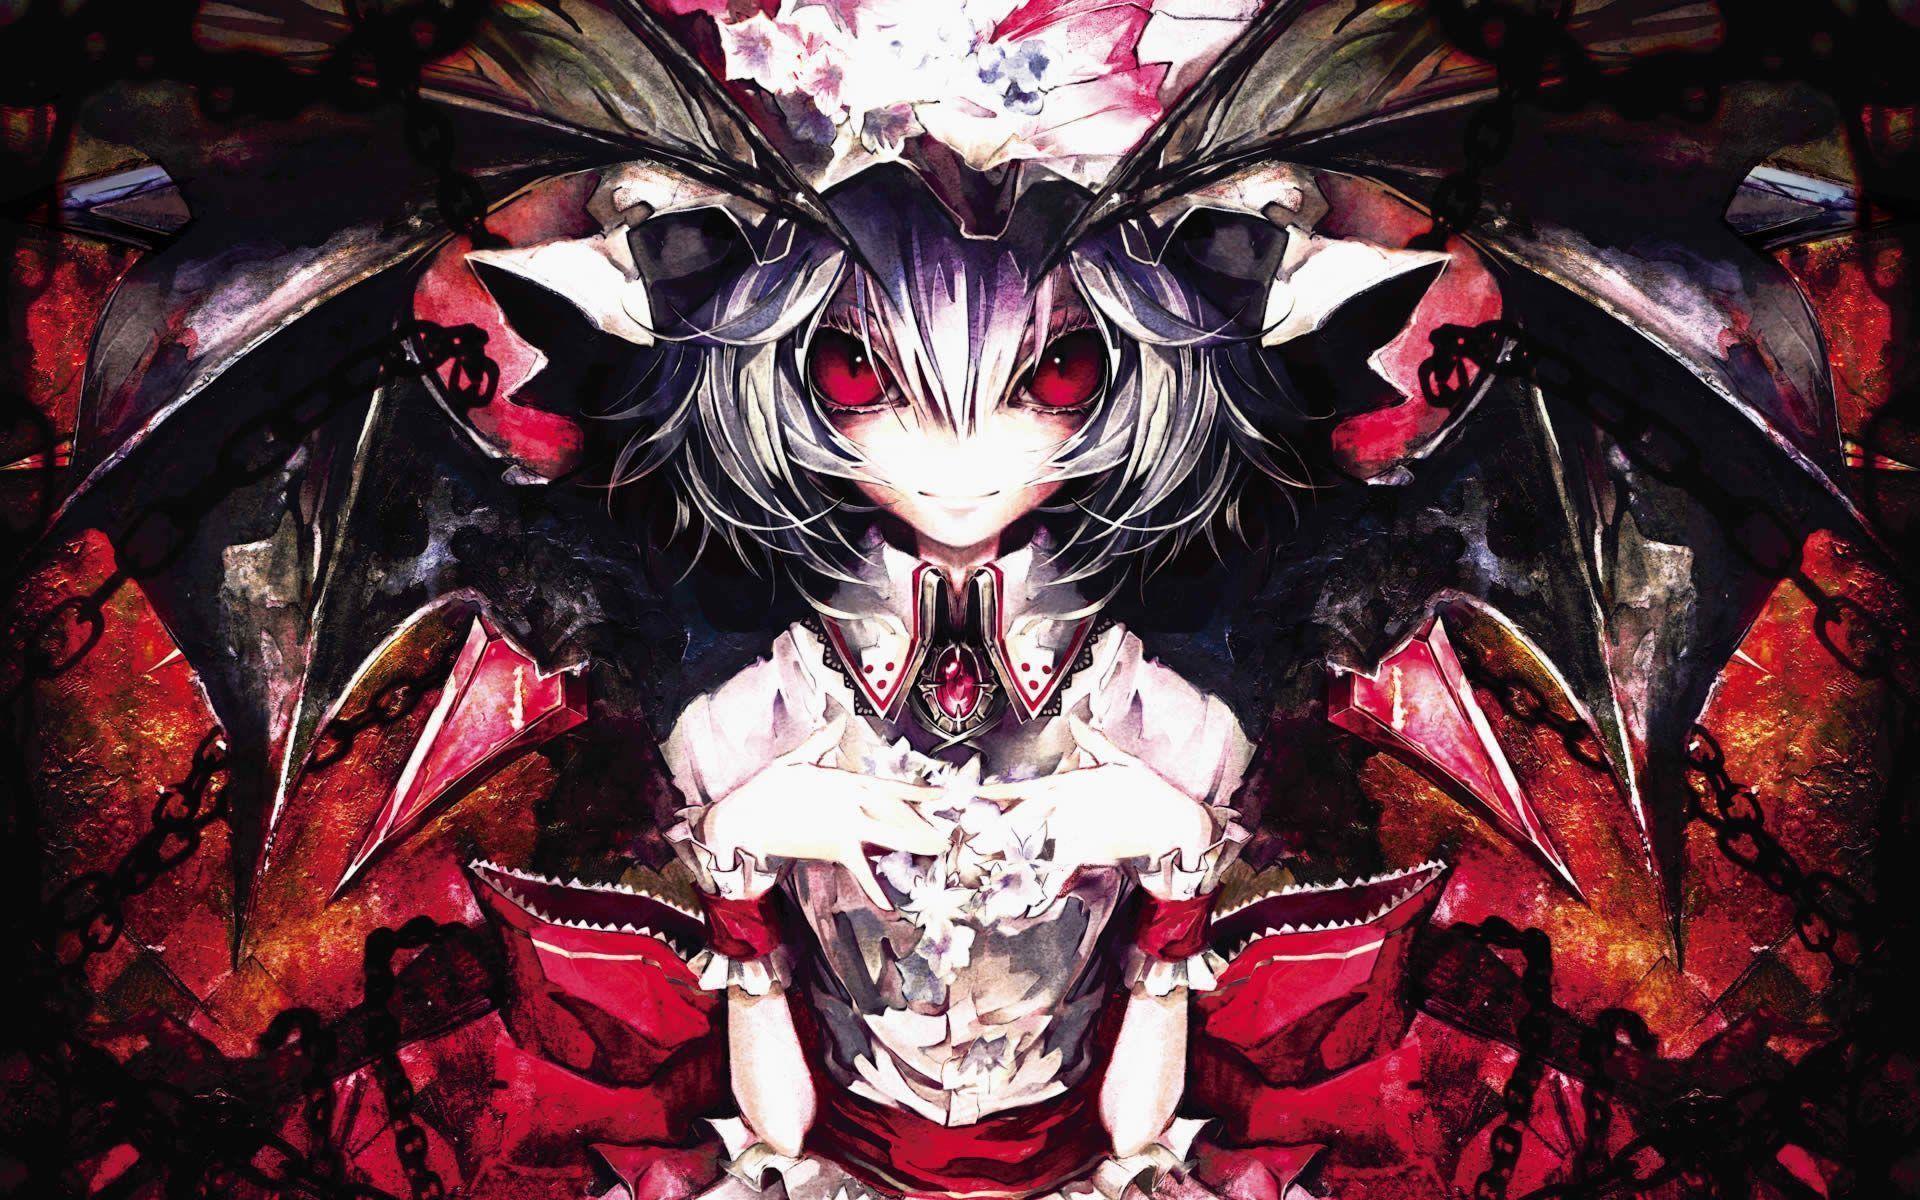 anime wallpaper 4k